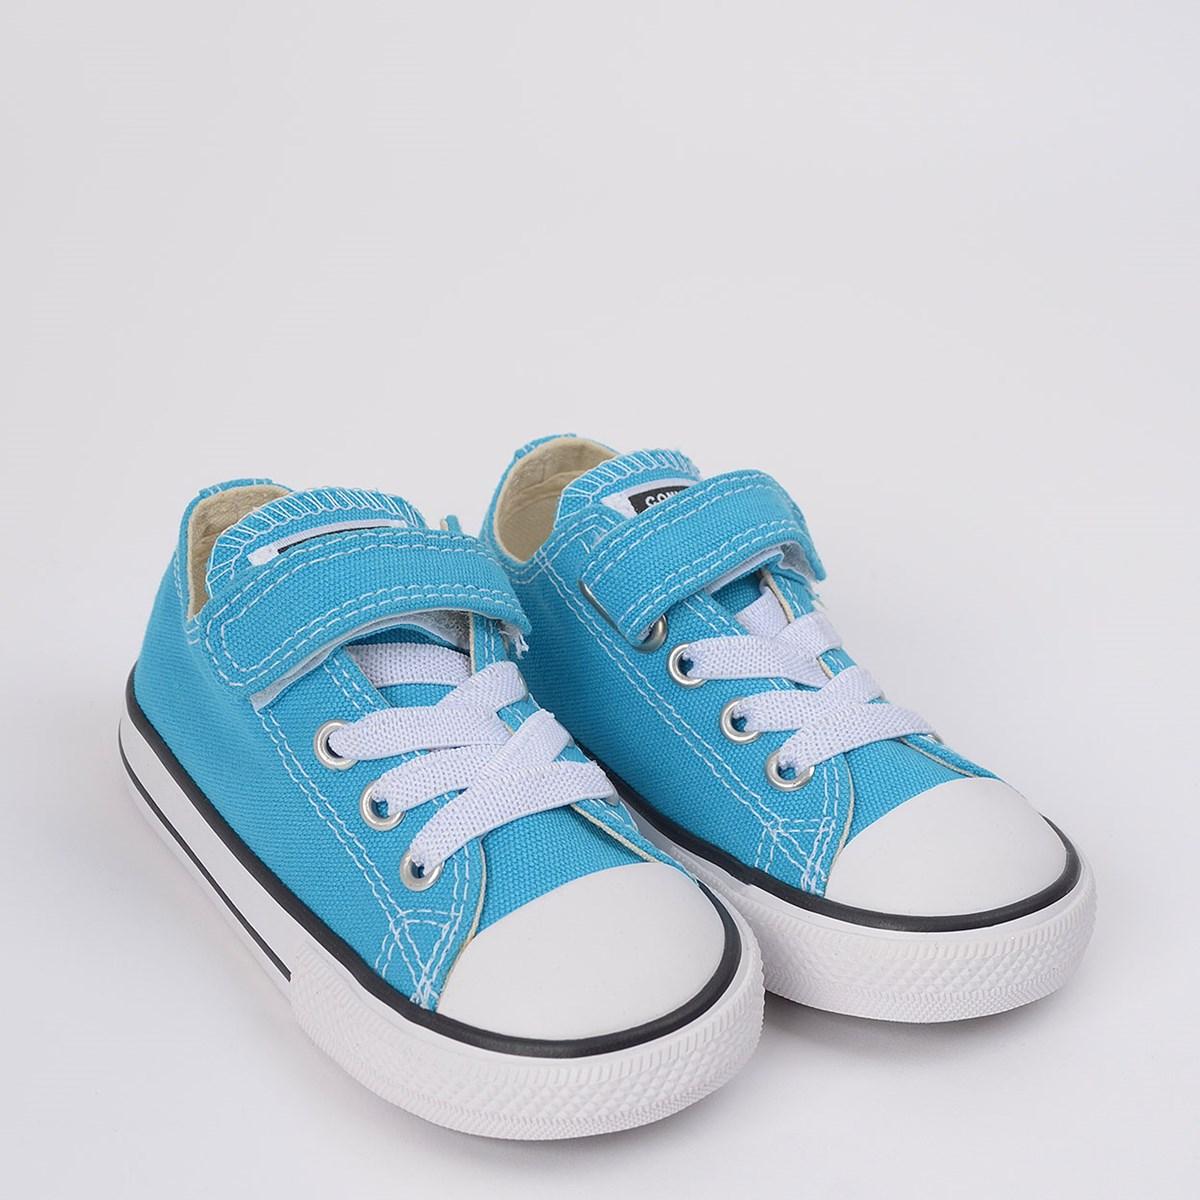 Tênis Converse Chuck Taylor All Star 1V Kids Ox Azul Náutico CK08150008